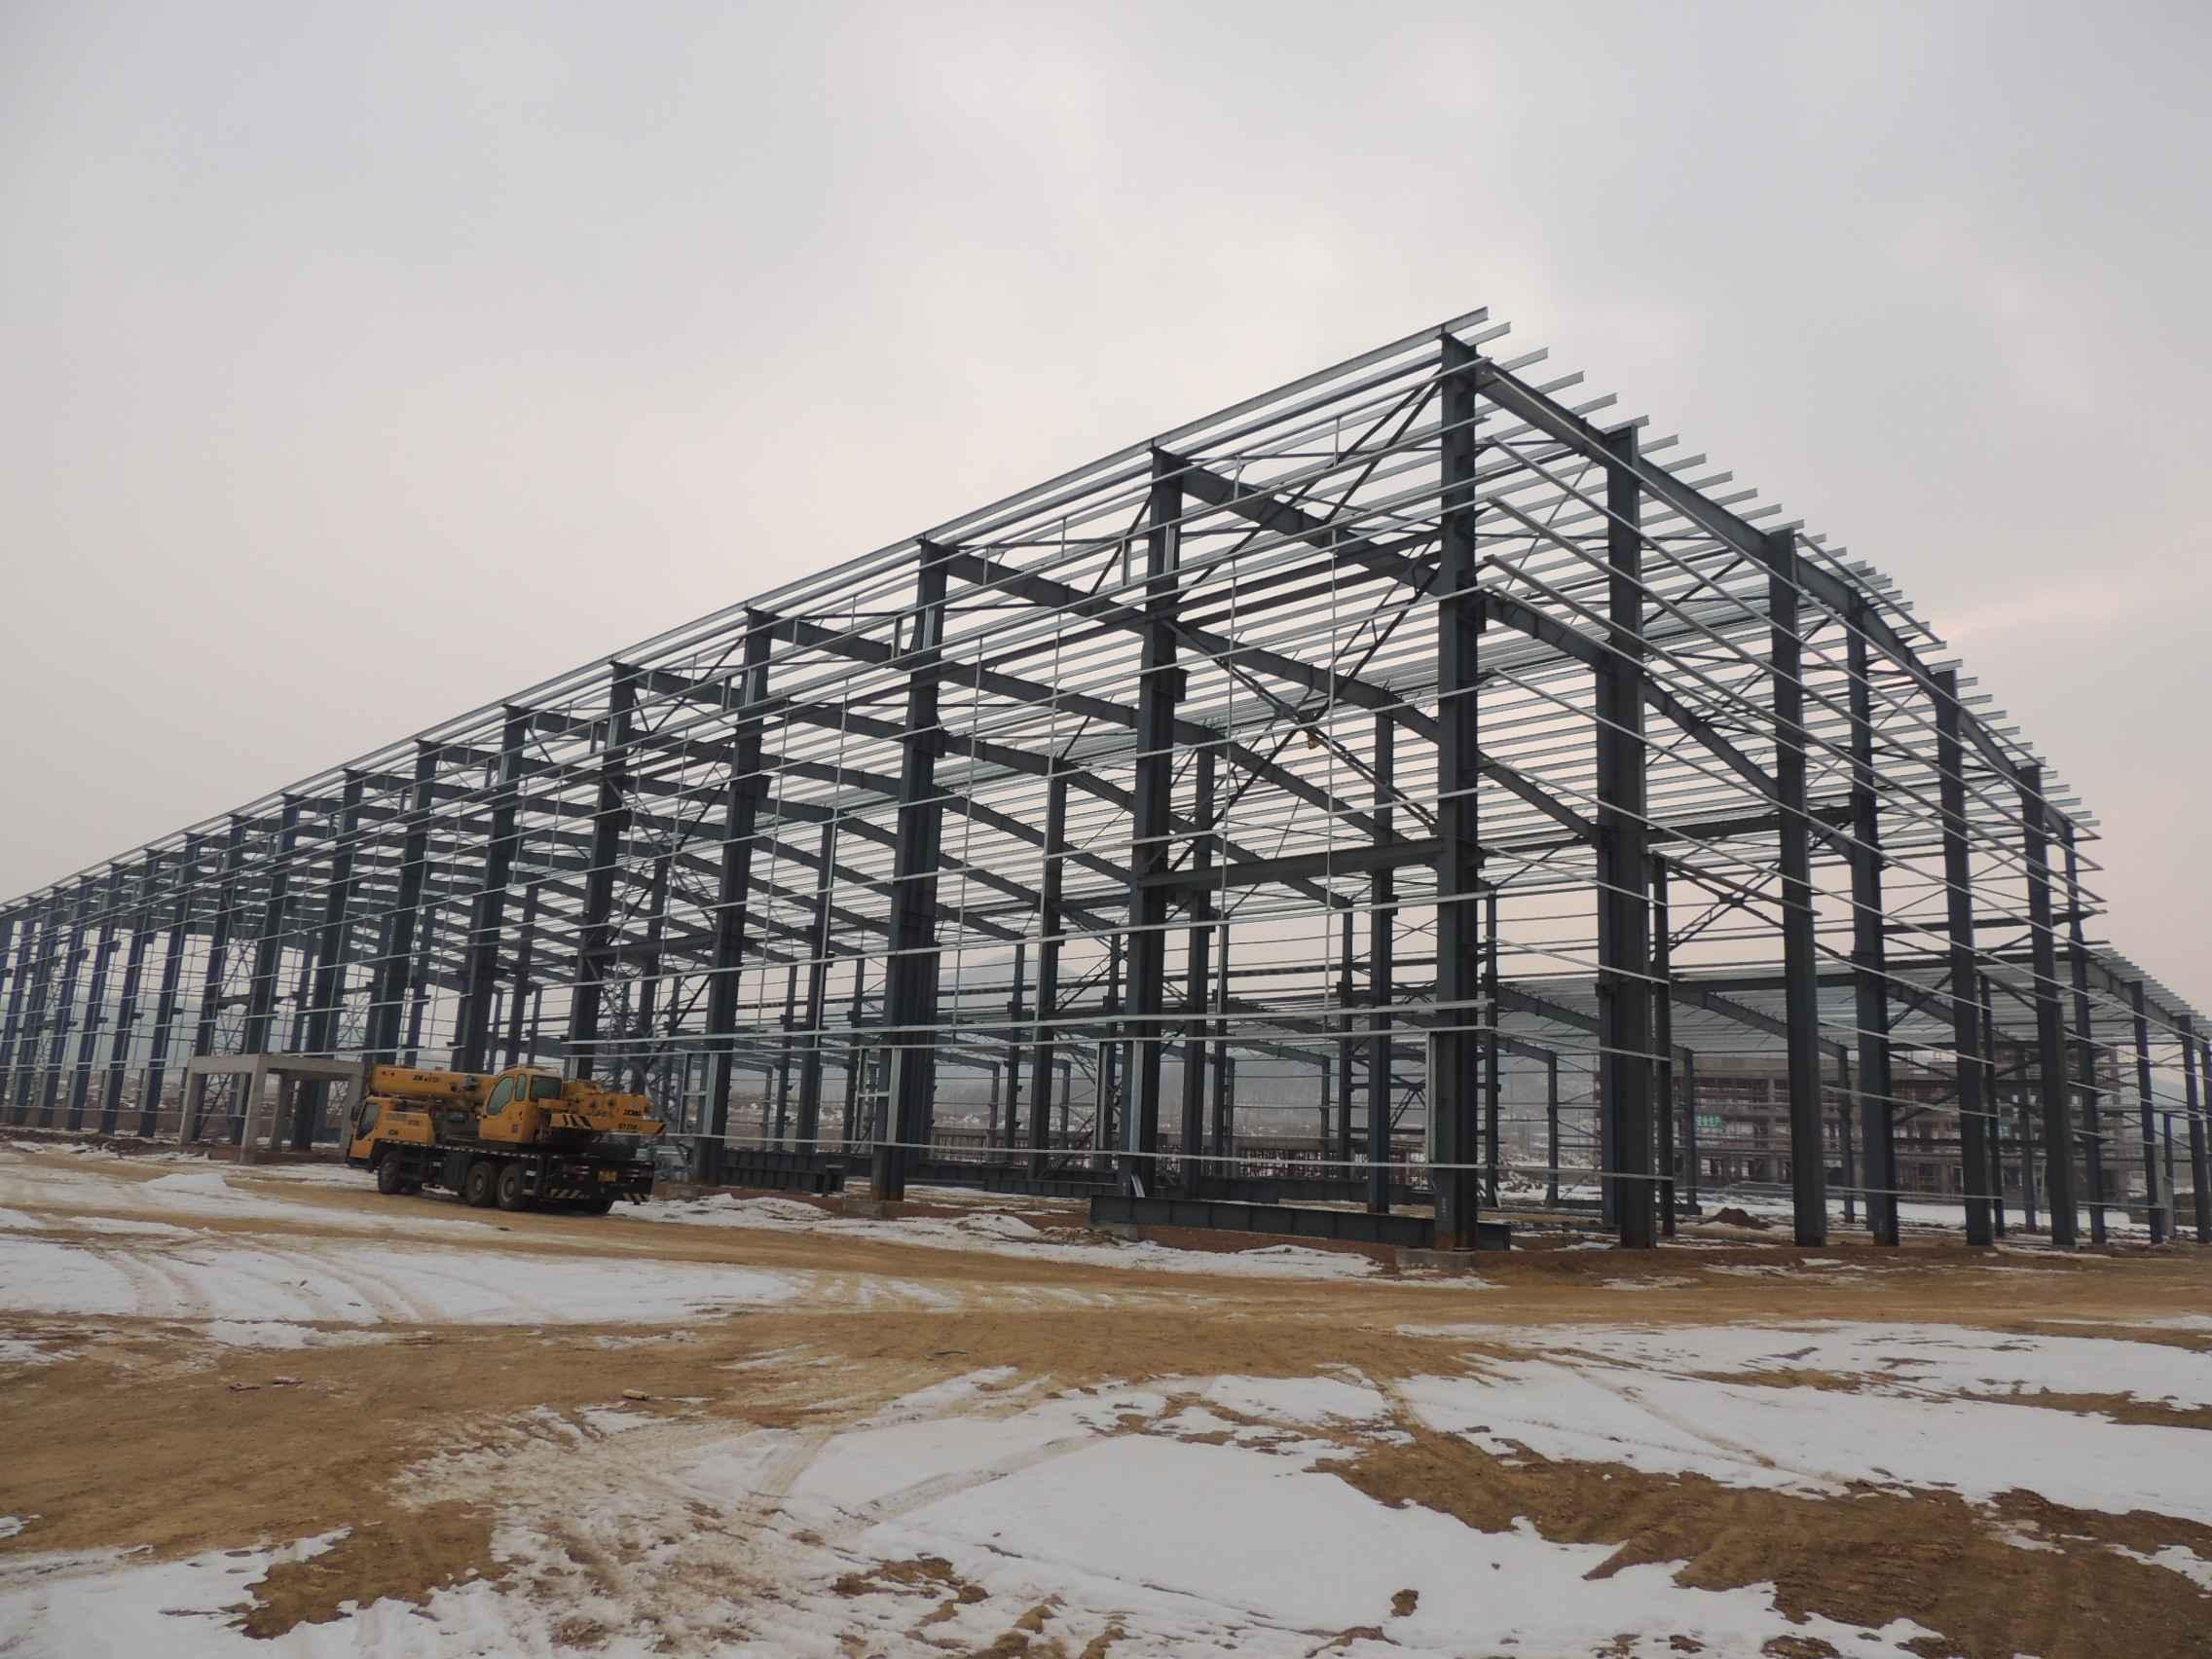 烟台钢结构厂家 烟台钢结构生产 烟台钢结构价格